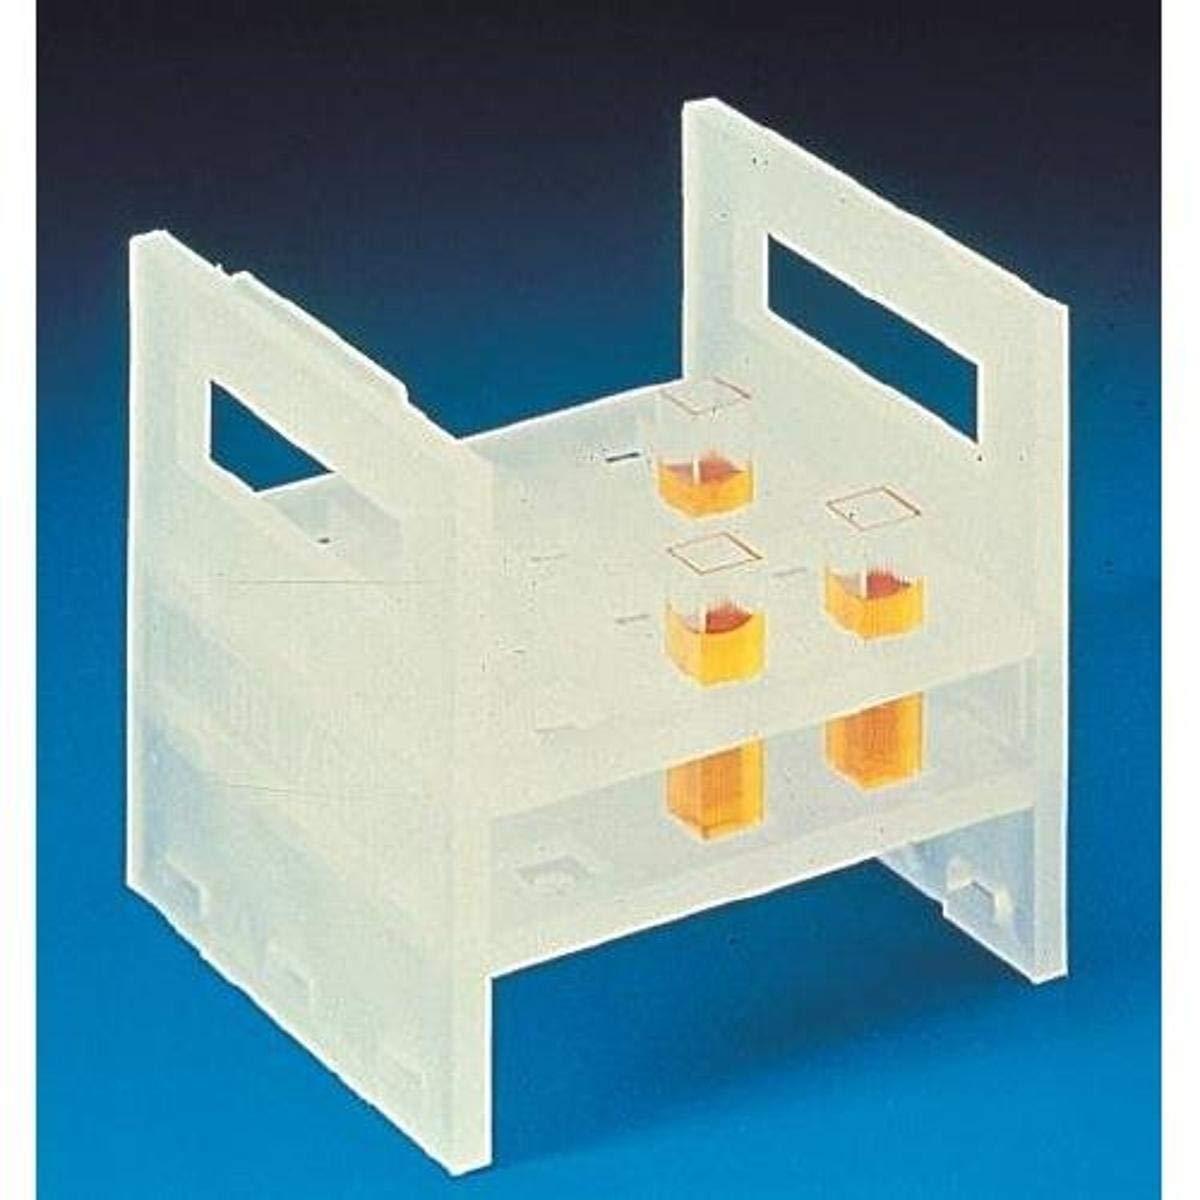 Bel-Art F18516-0000 Science Regular discount Ware Rack Max 81% OFF Cuvette Spectrophotometer